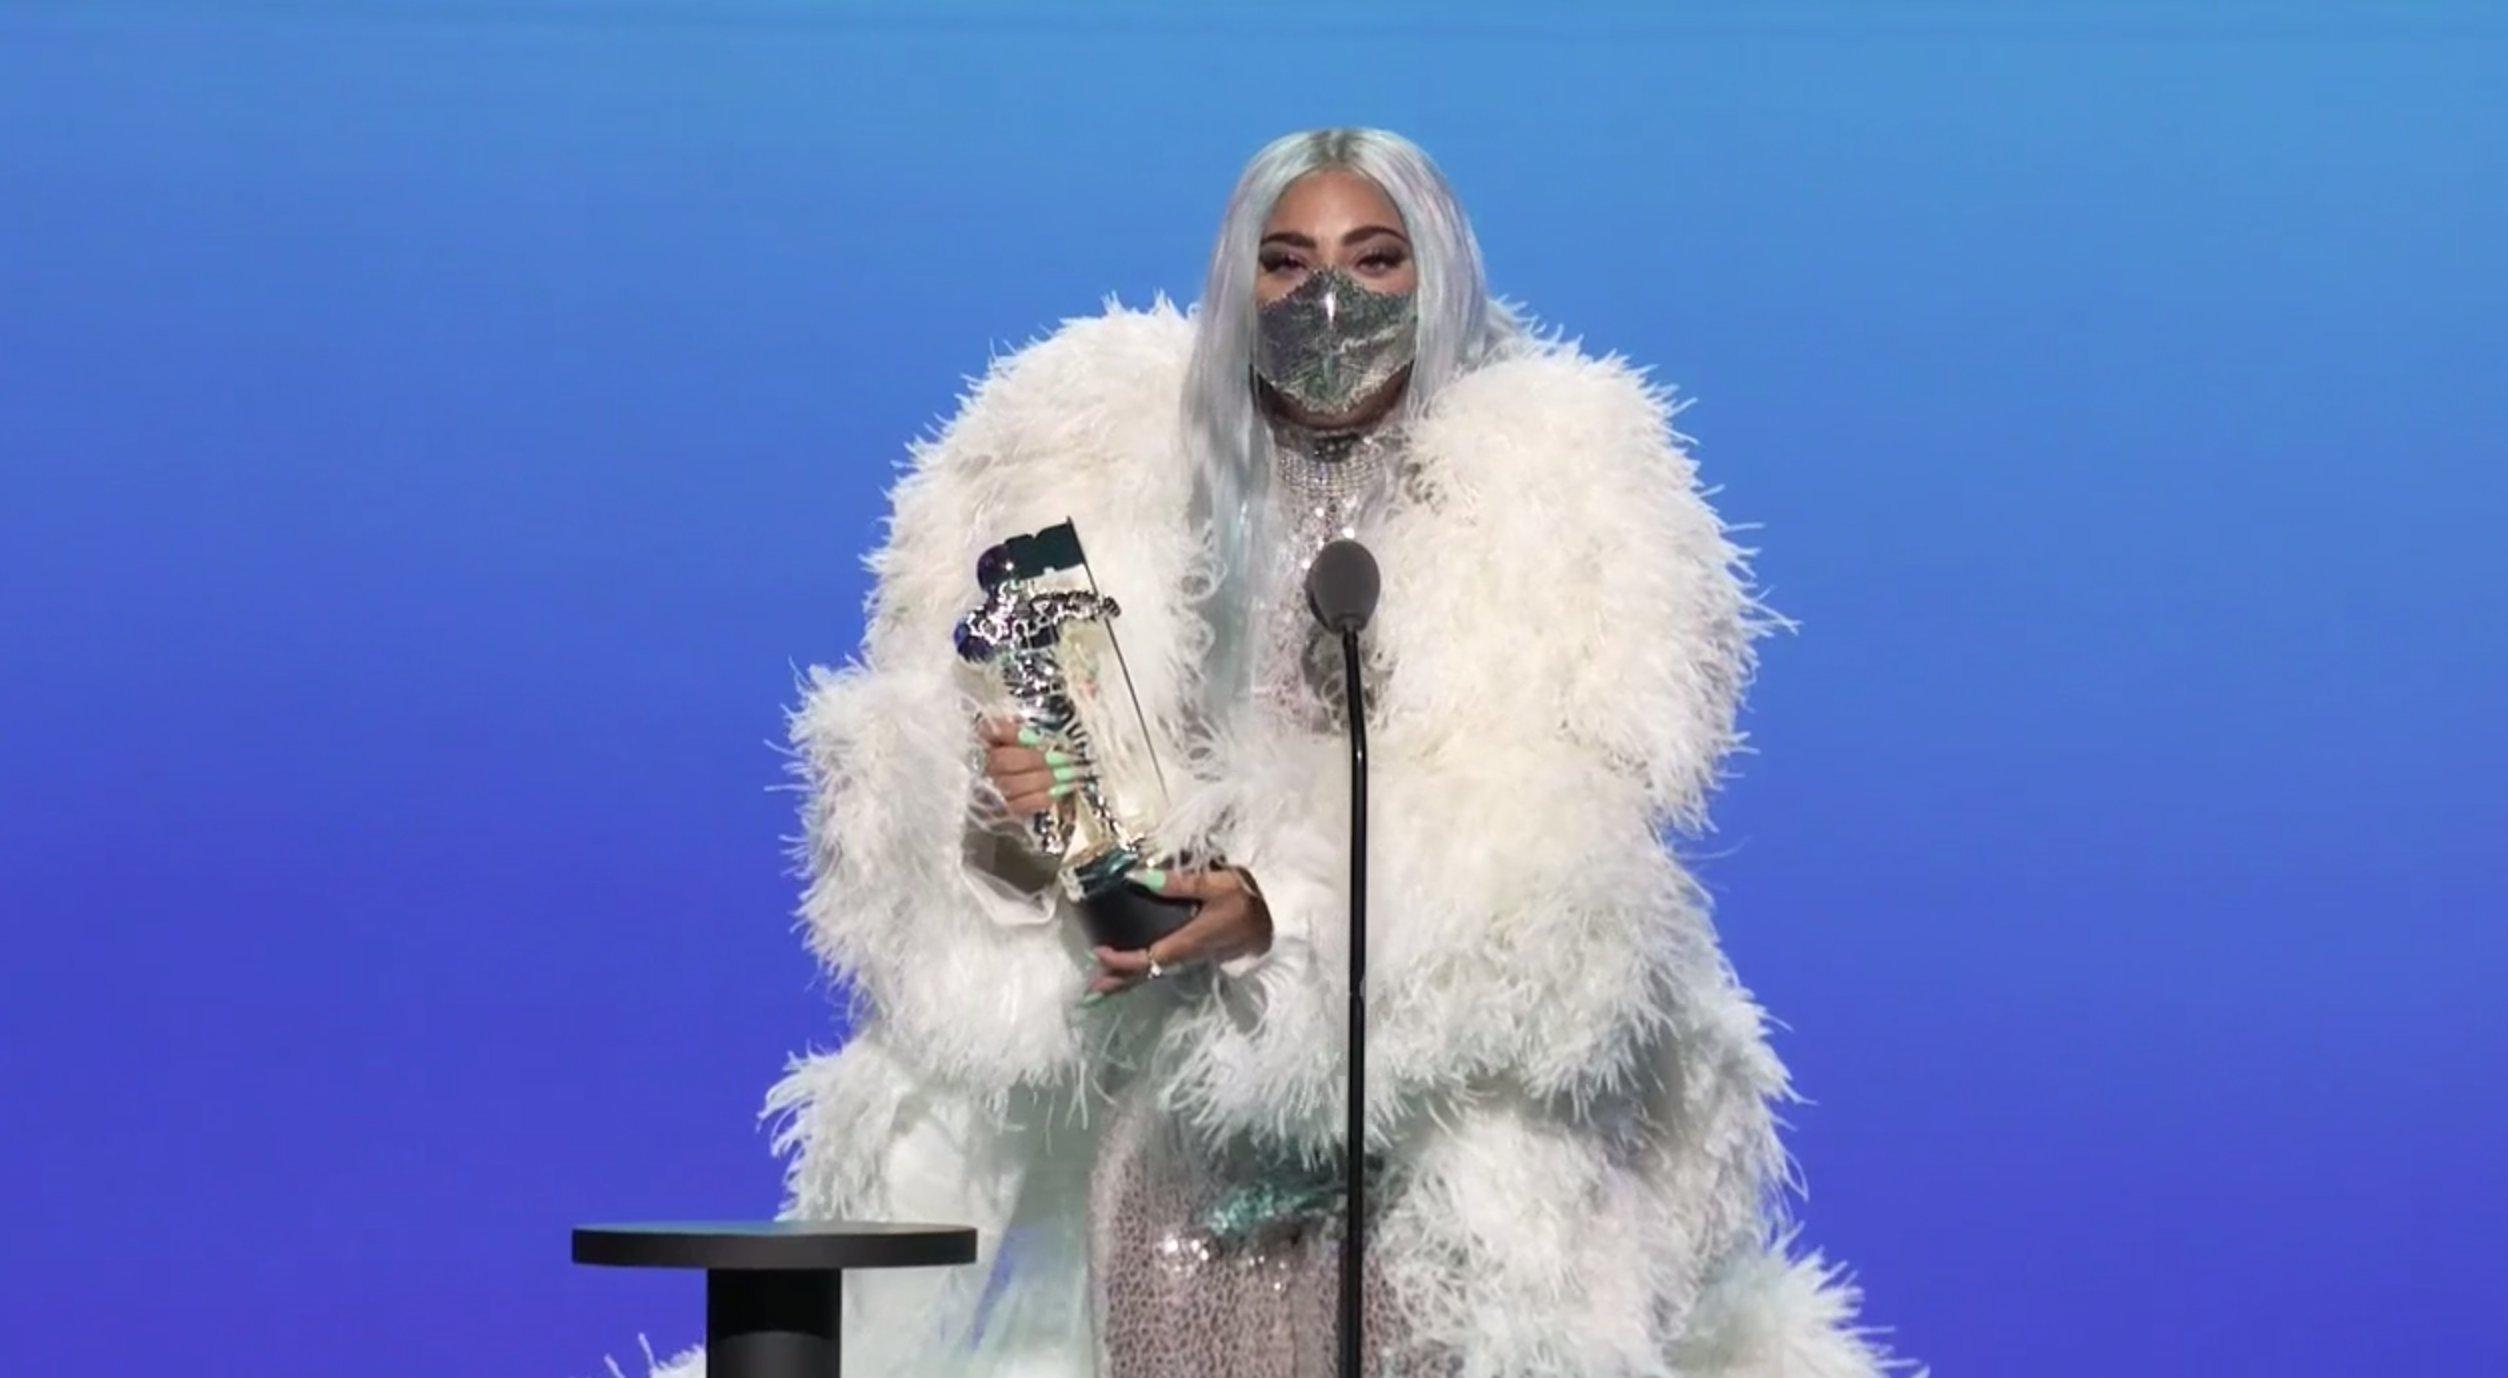 Lady Gaga wins Artist of the Year at the 2020 VMAs